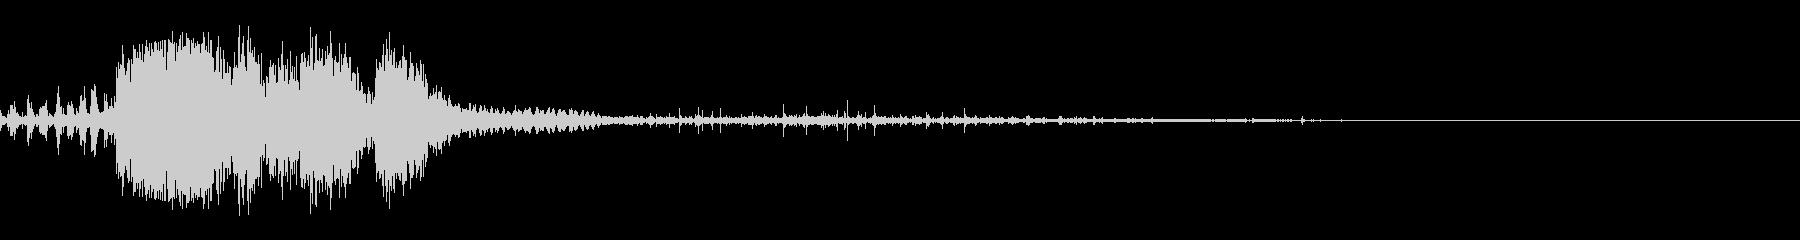 スパーク音-37の未再生の波形